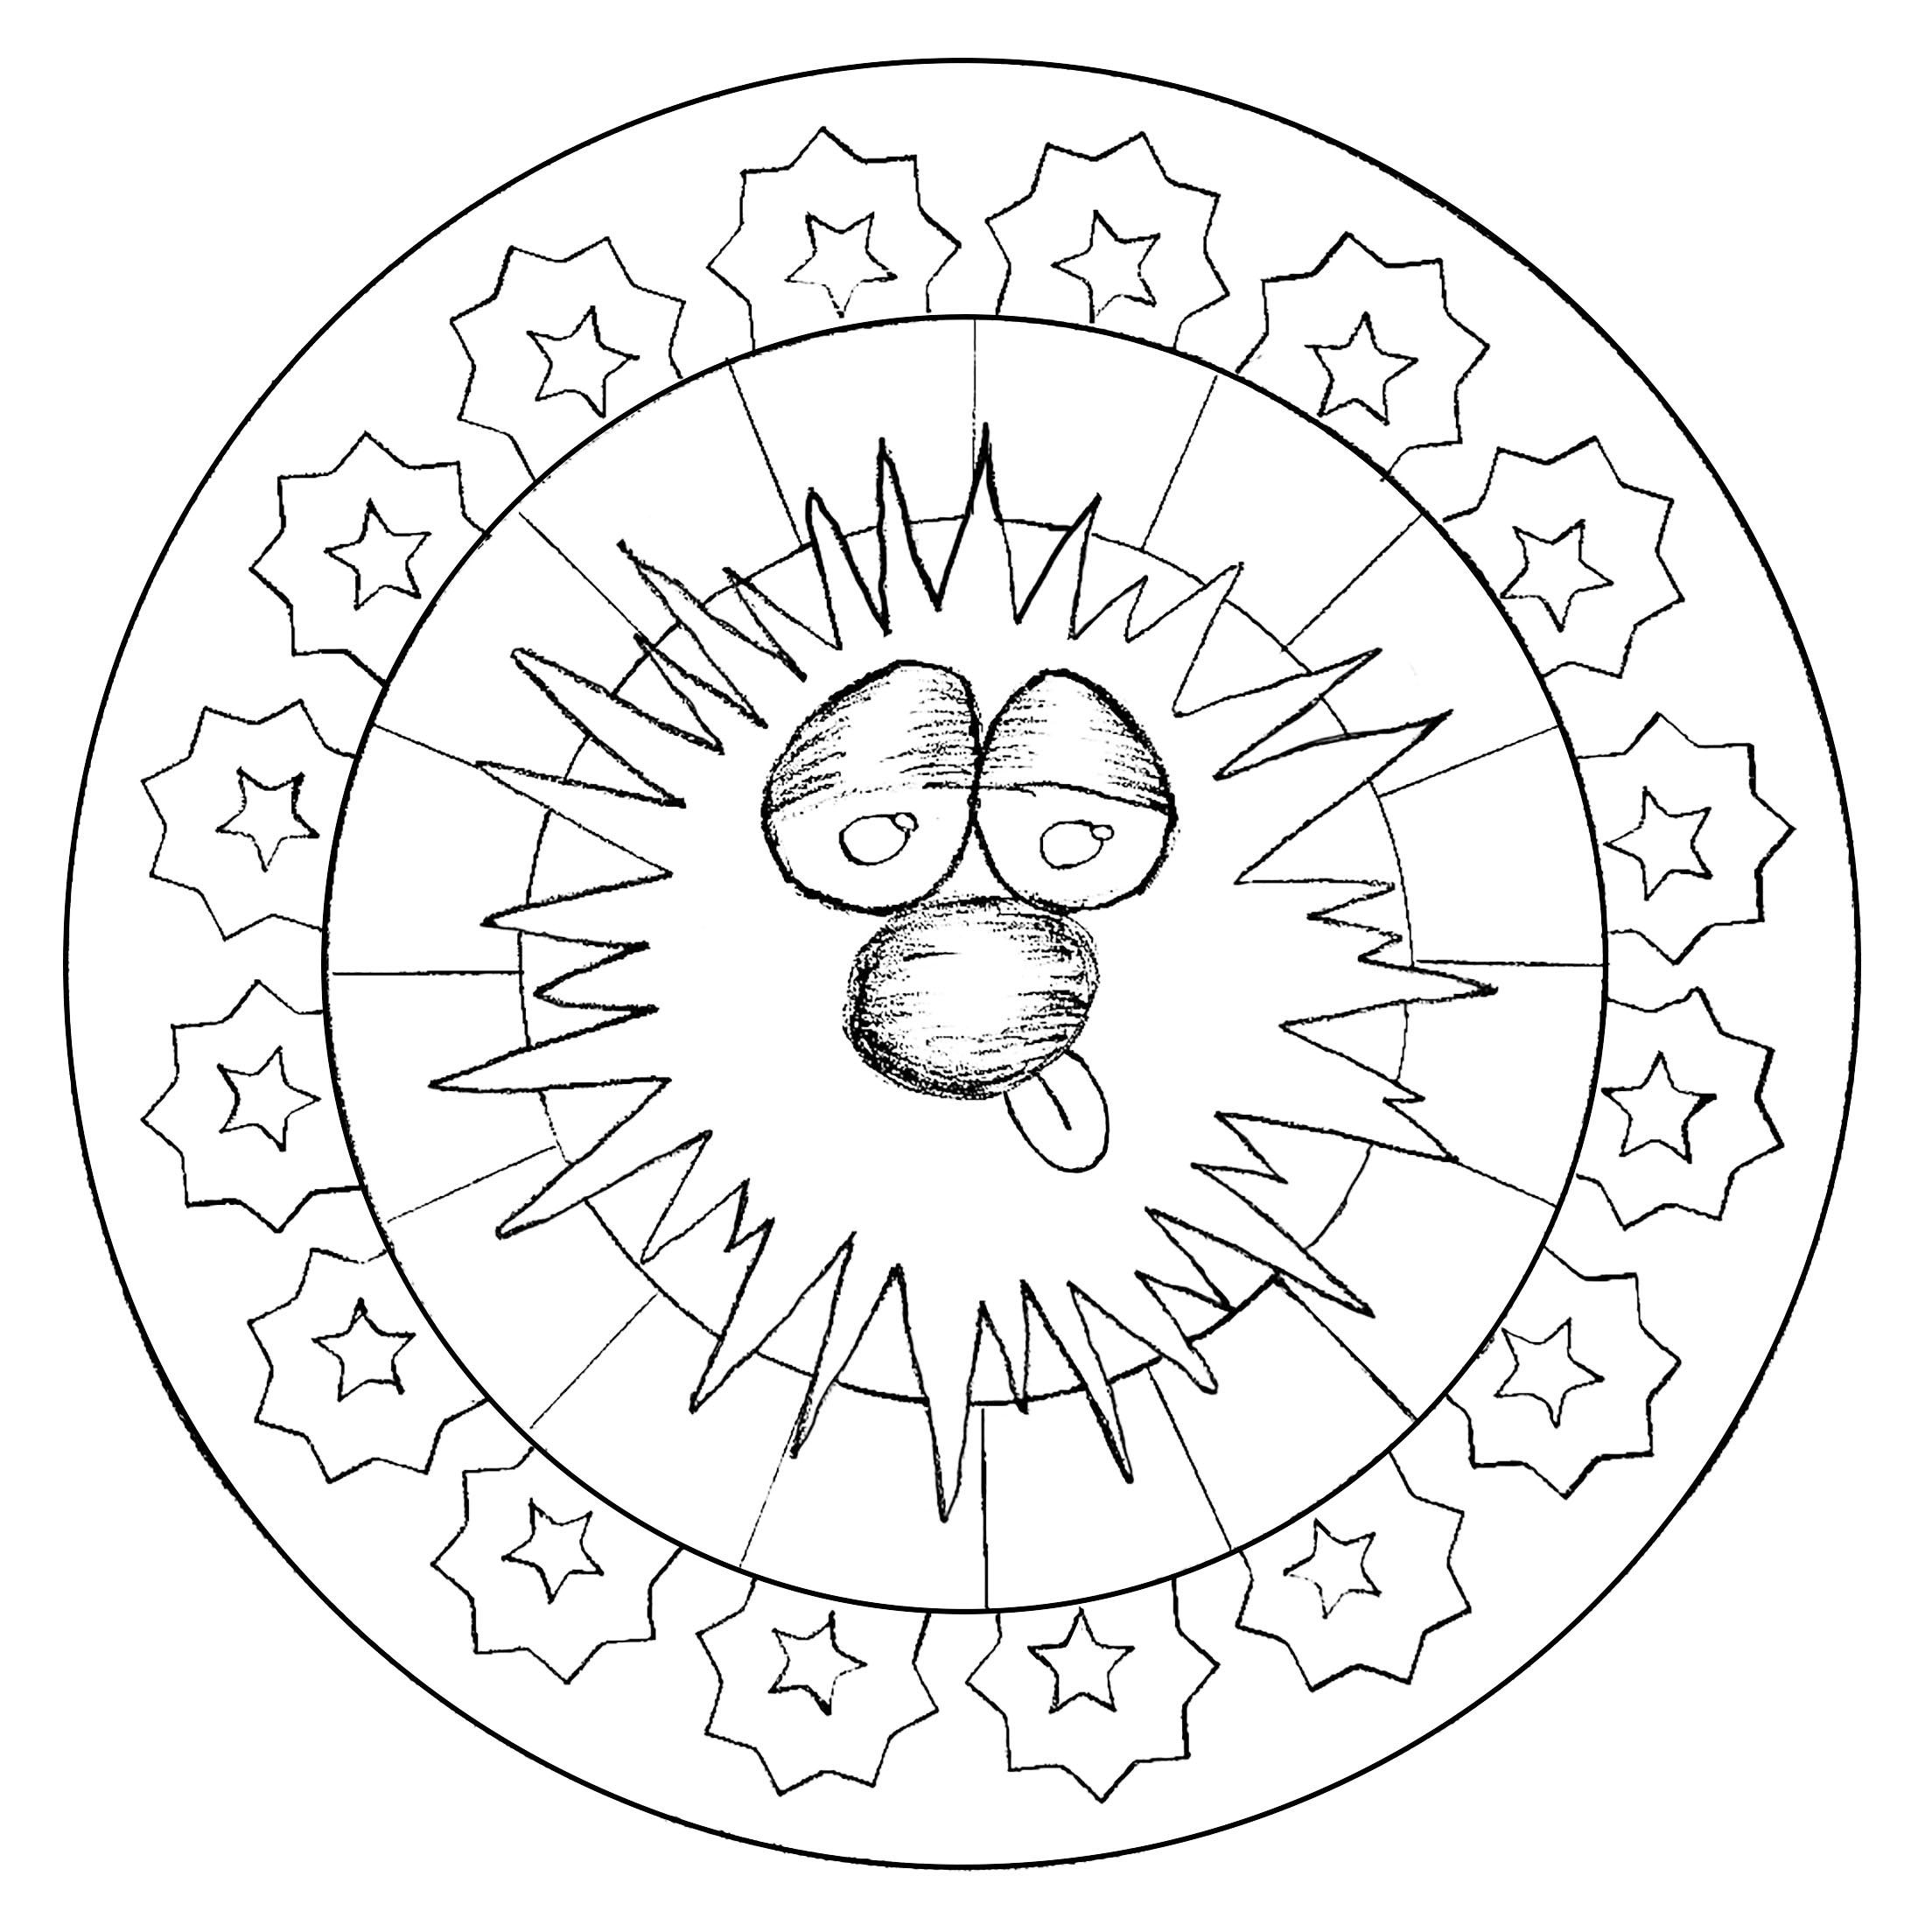 Disegni da colorare per adulti : Mandalas - 157